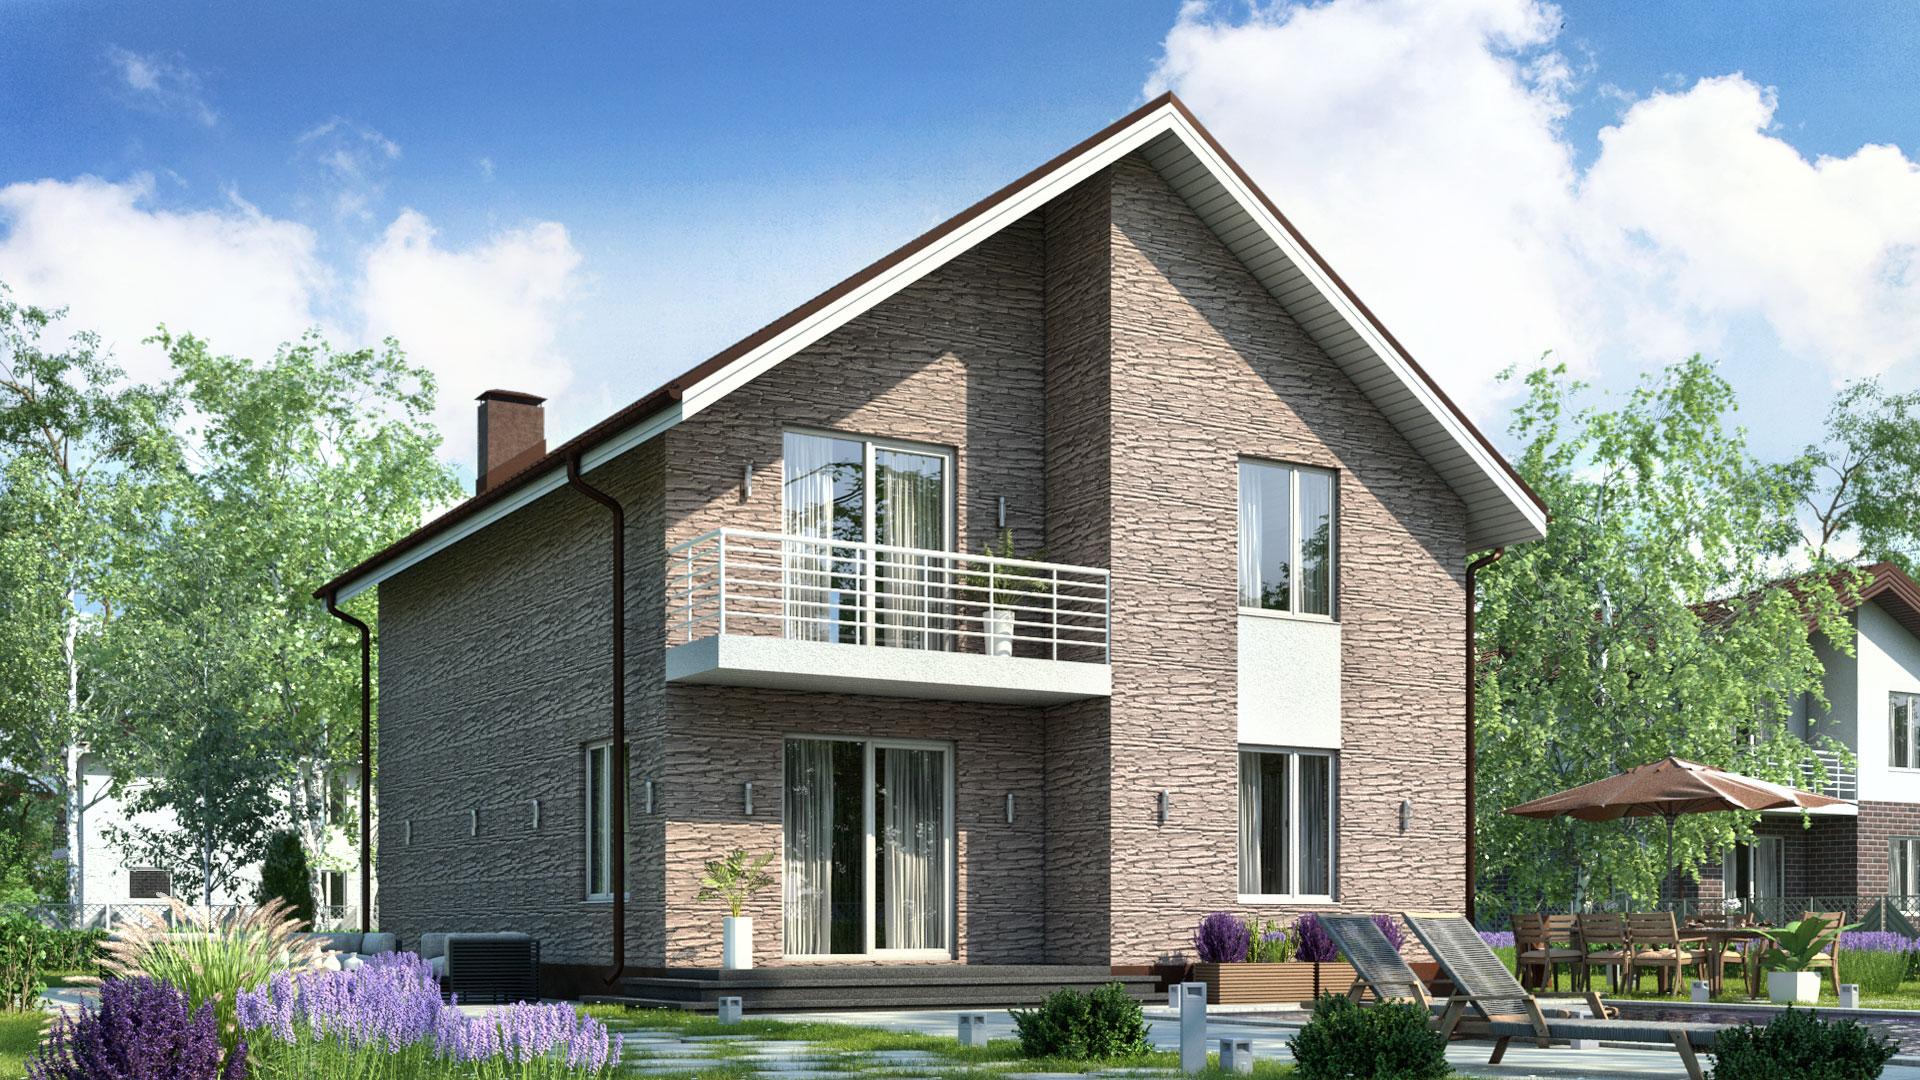 Передний фасад двухэтажного дома БЭНПАН, проект БП-161, отделка под дикий камень.